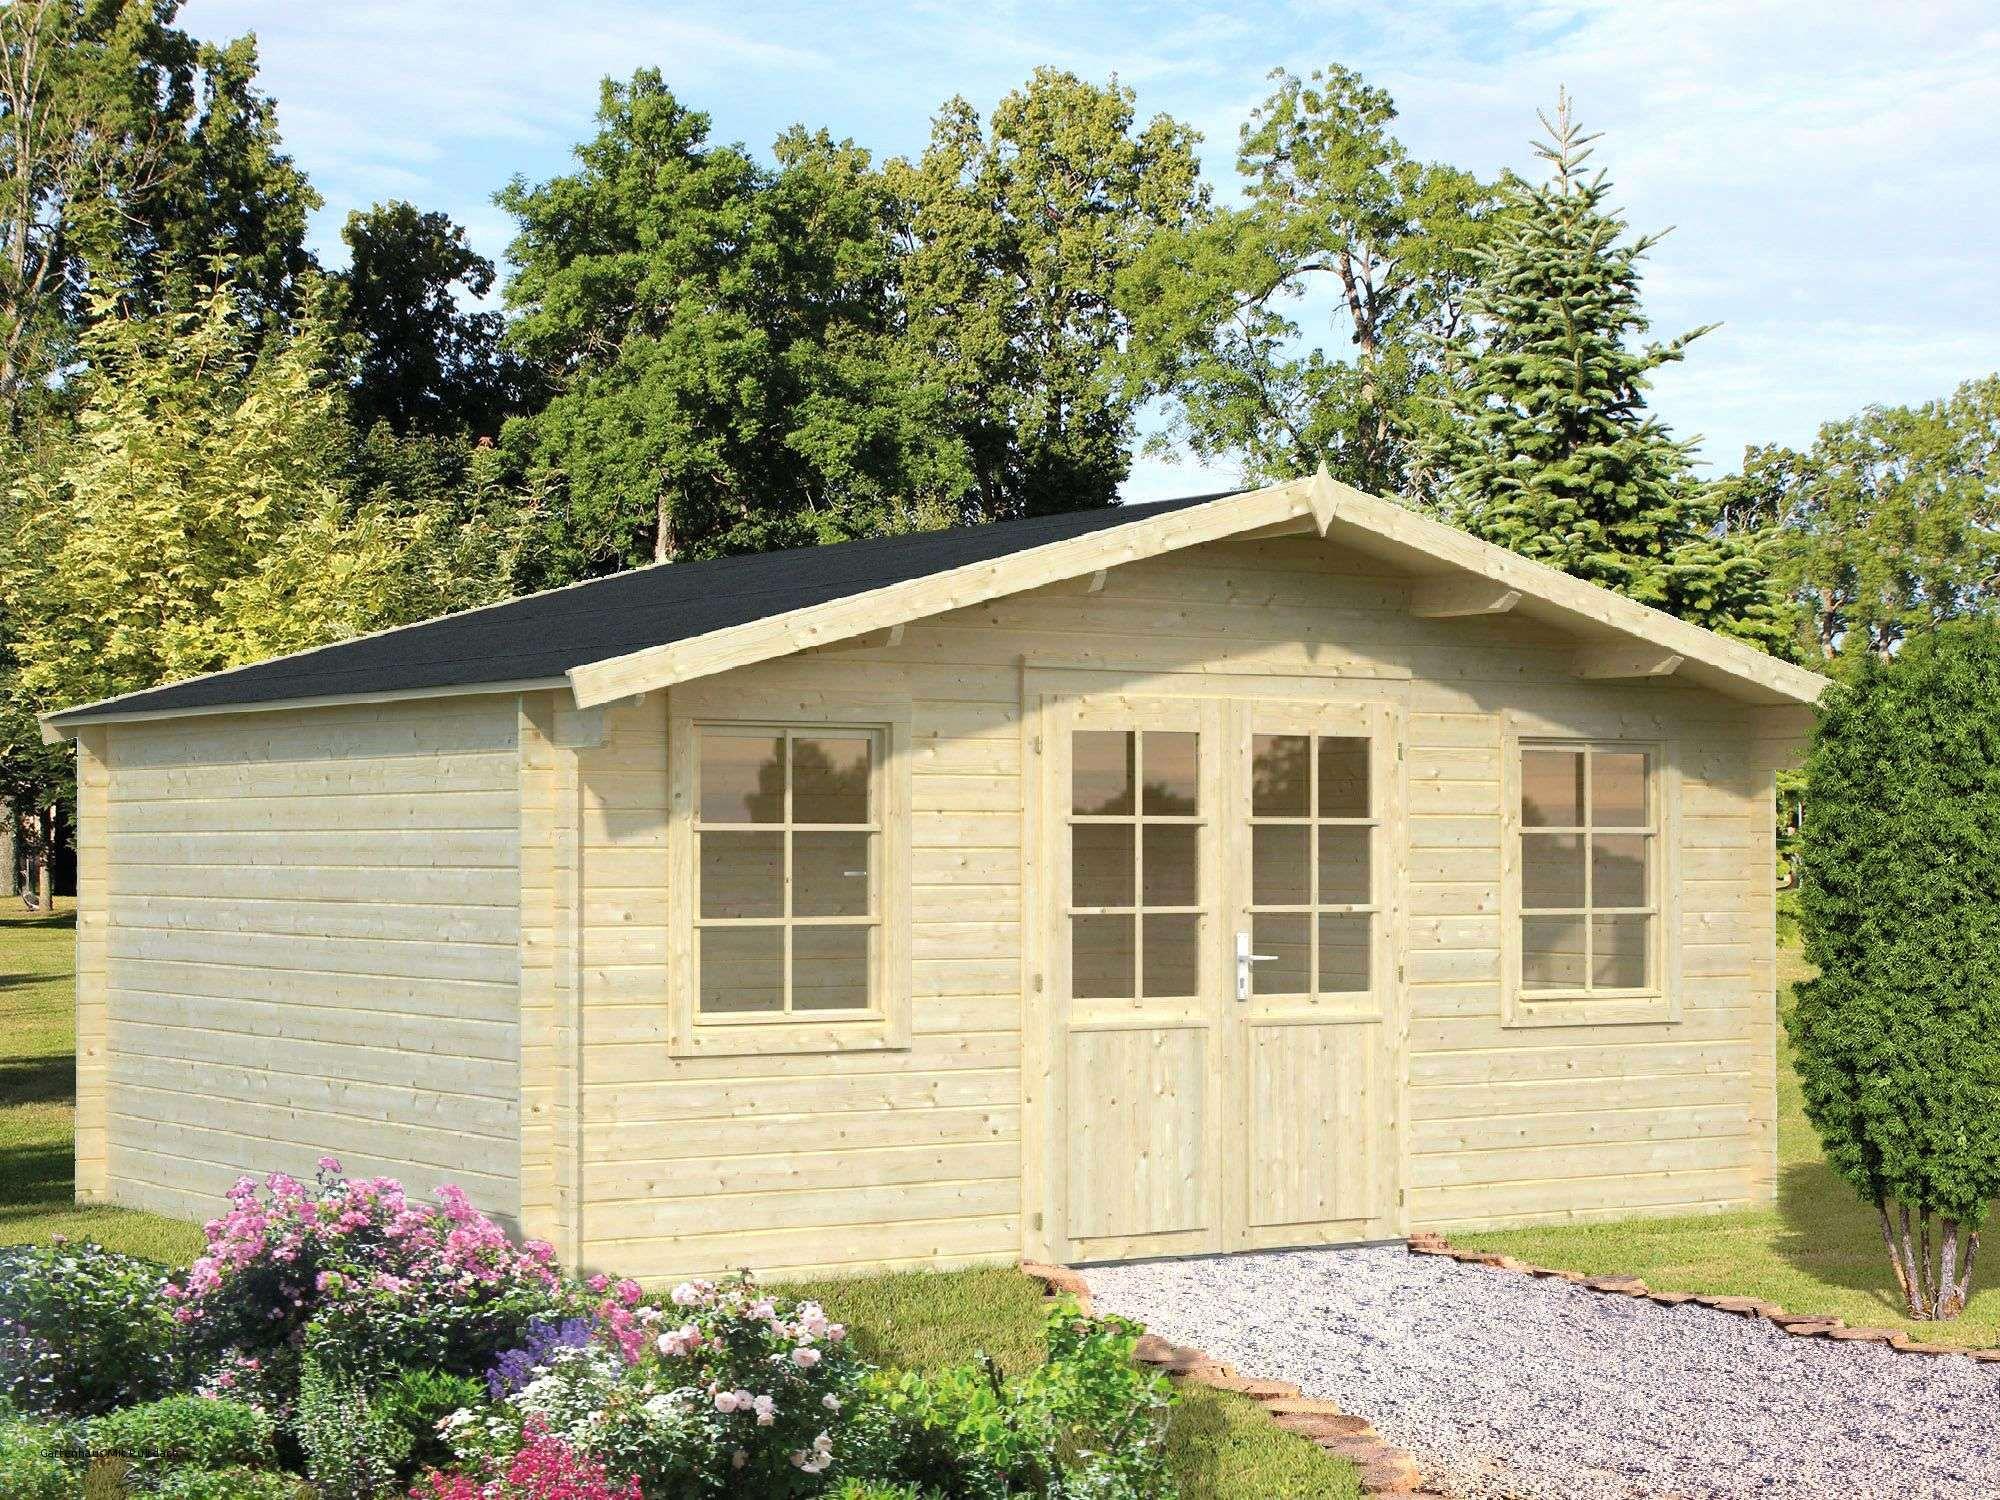 gartenhaus design flachdach schon 39 einzigartig garten holzhaus of gartenhaus design flachdach